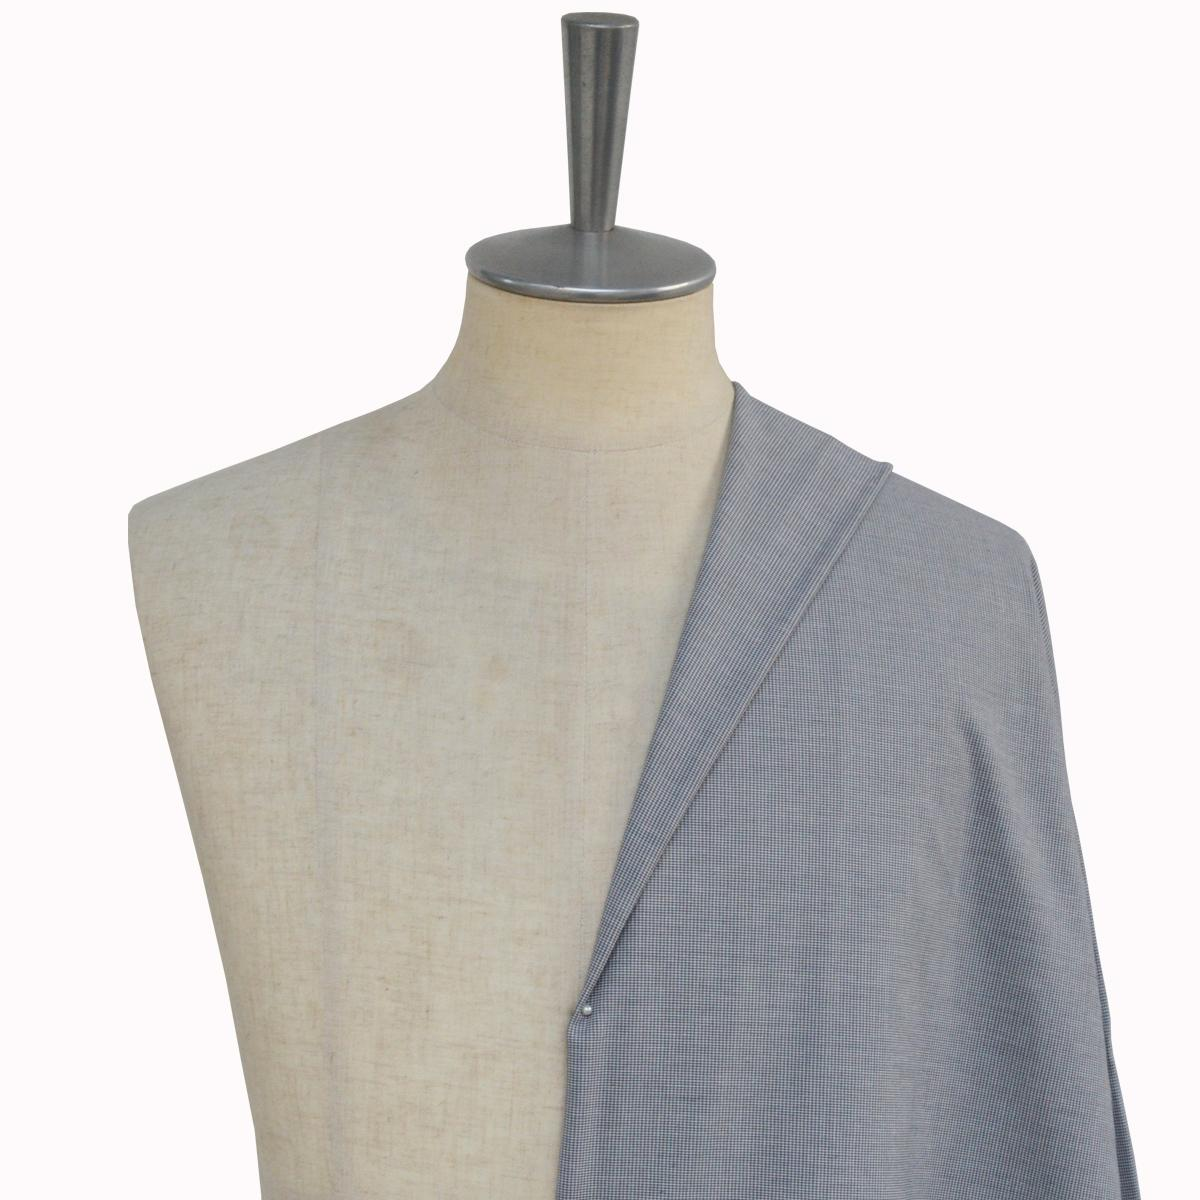 [オーダーレディーススーツ スカートセット]クールビズにおススメ!ピンチェック柄で上品に!